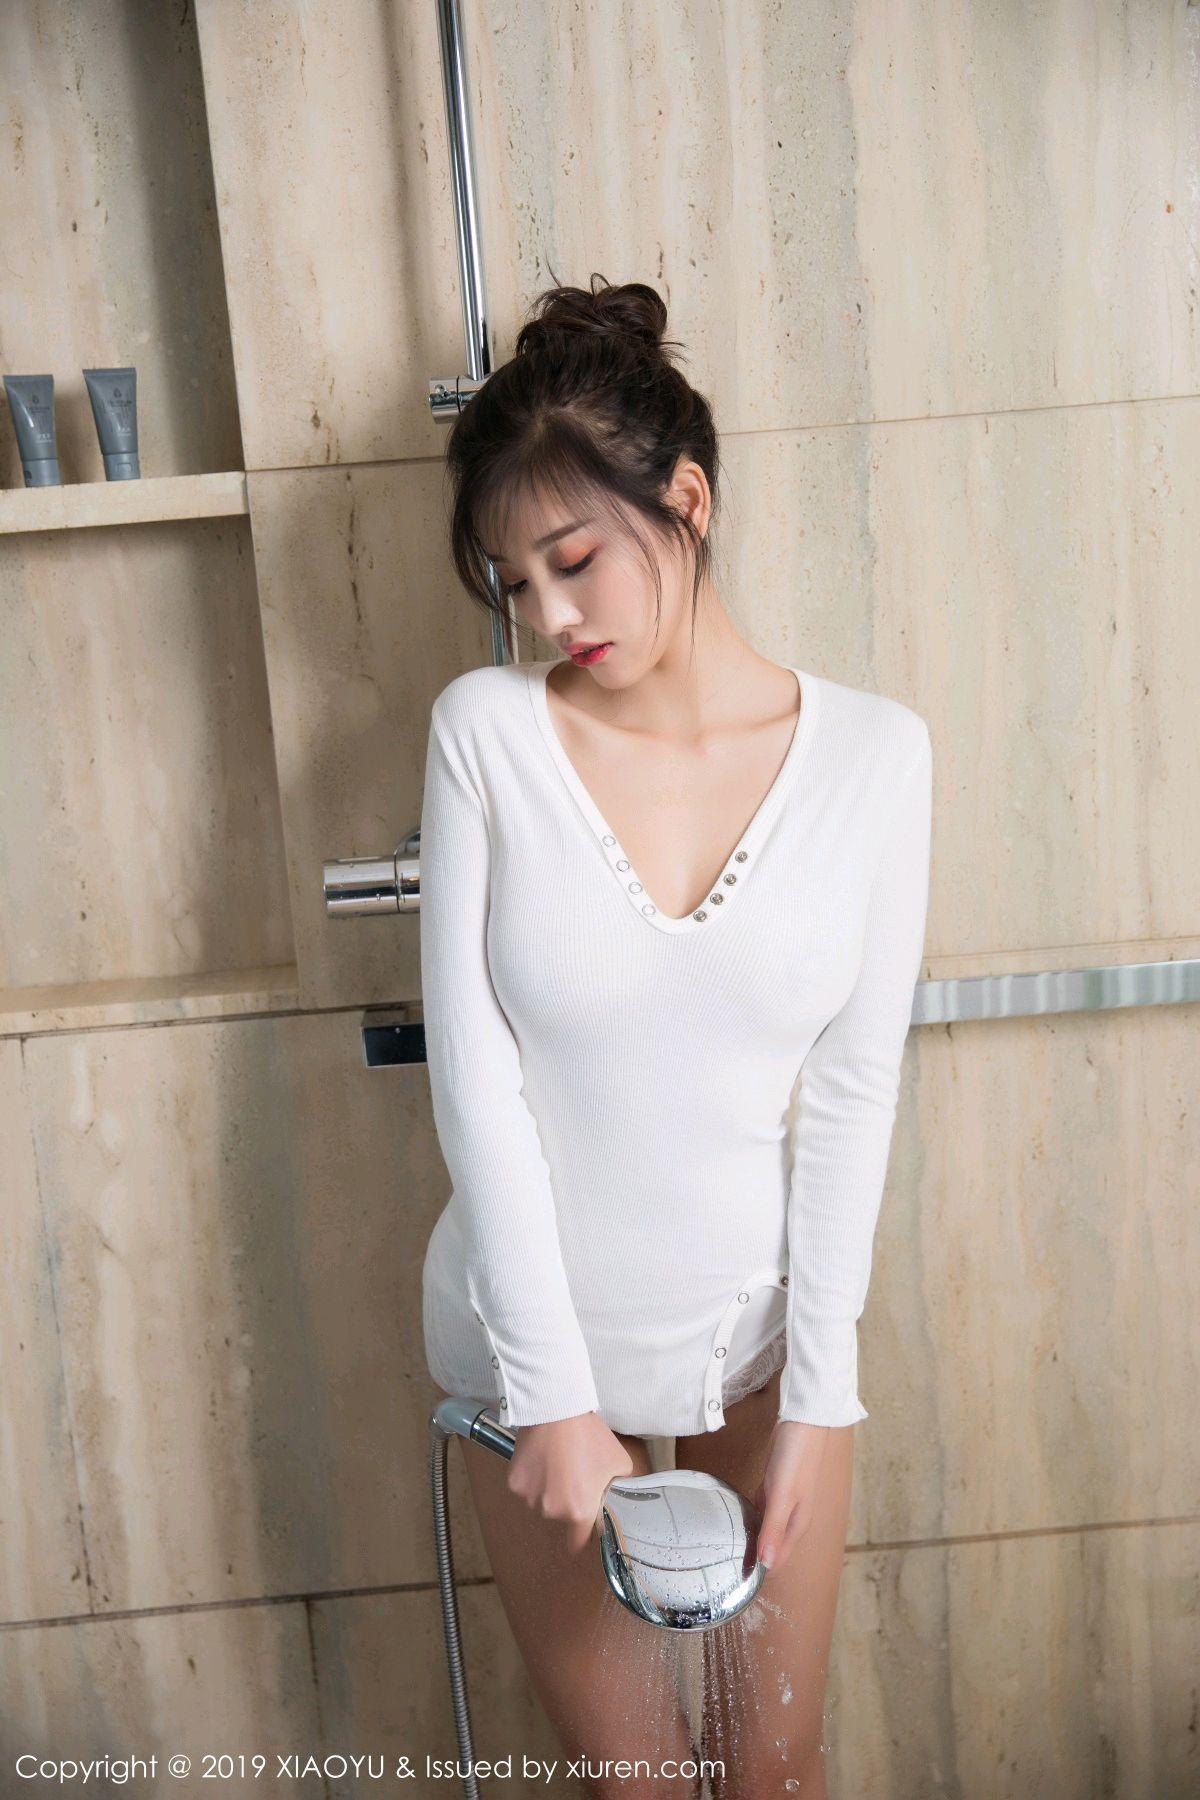 [XiaoYu] Vol.025 Yang Chen Chen 9P, Bathroom, Wet, XiaoYu, Yang Chen Chen